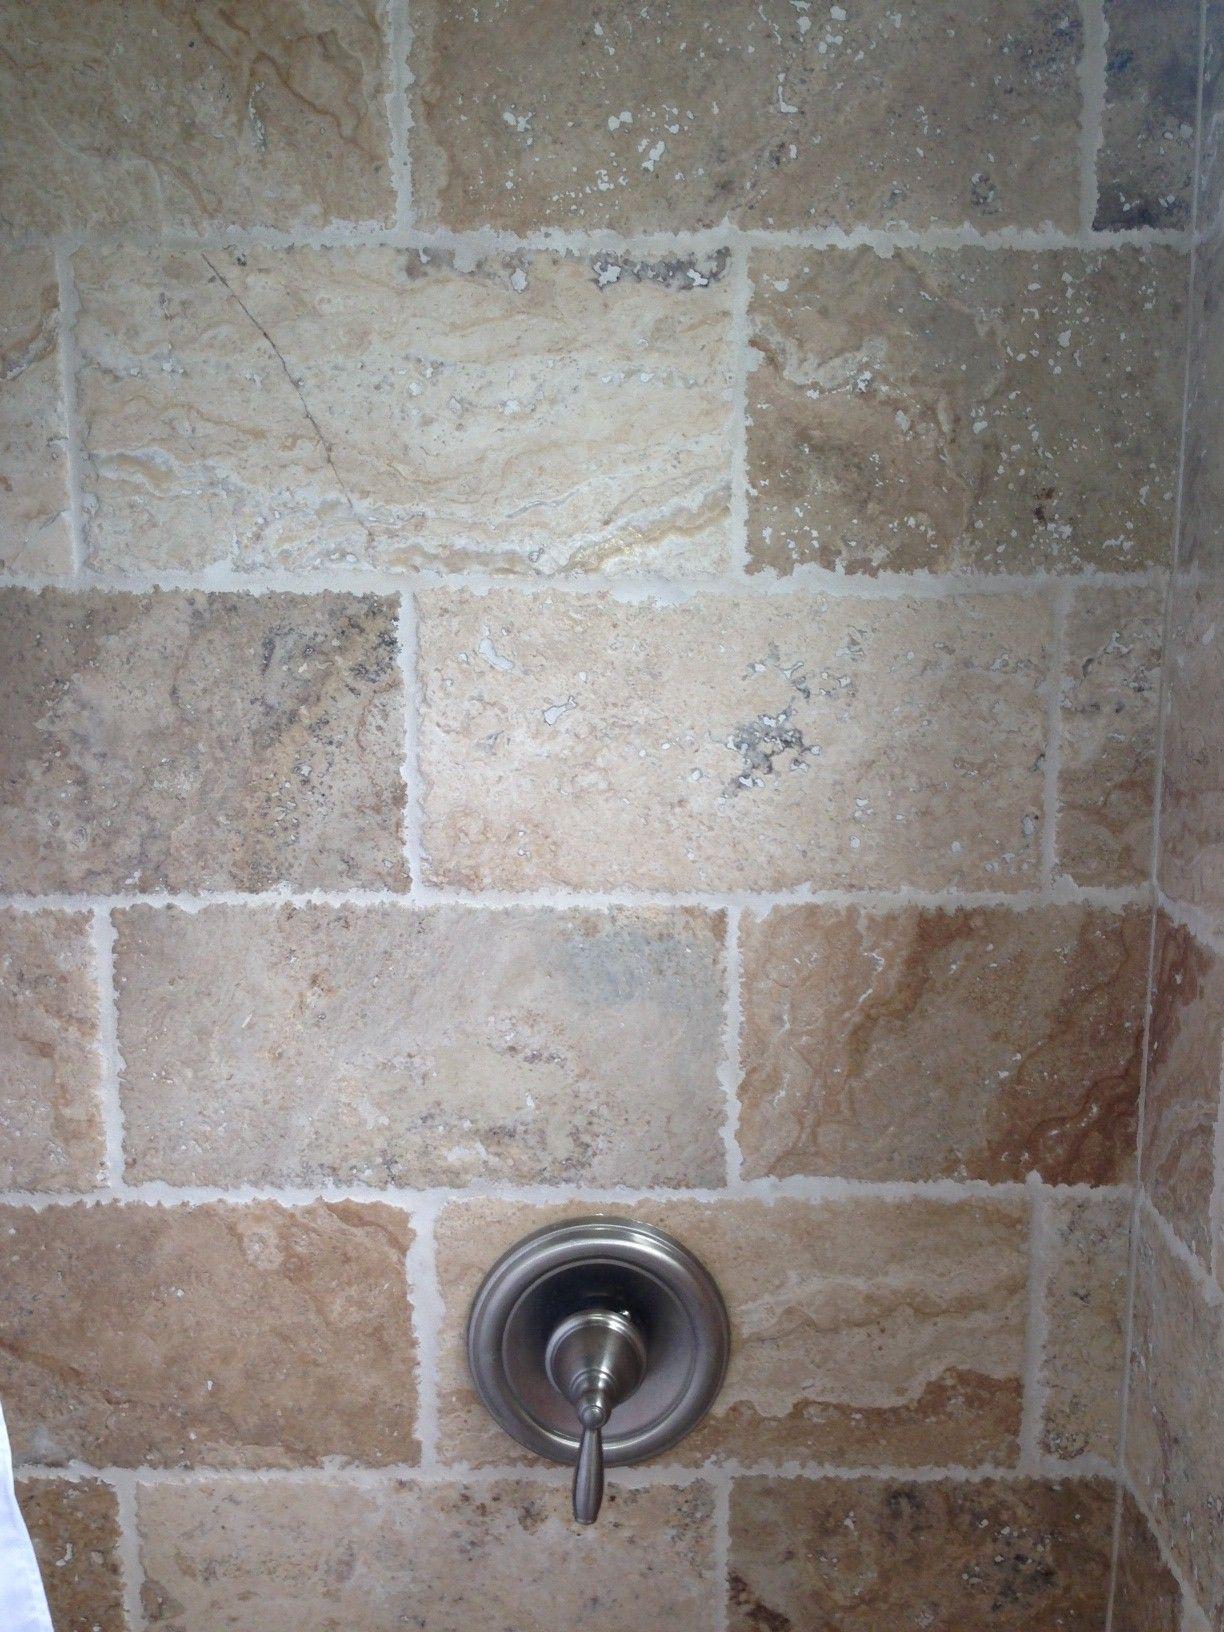 Bathroom Shower 8x16 Tile Tumbled Pico Travertine Chiseled Brushed